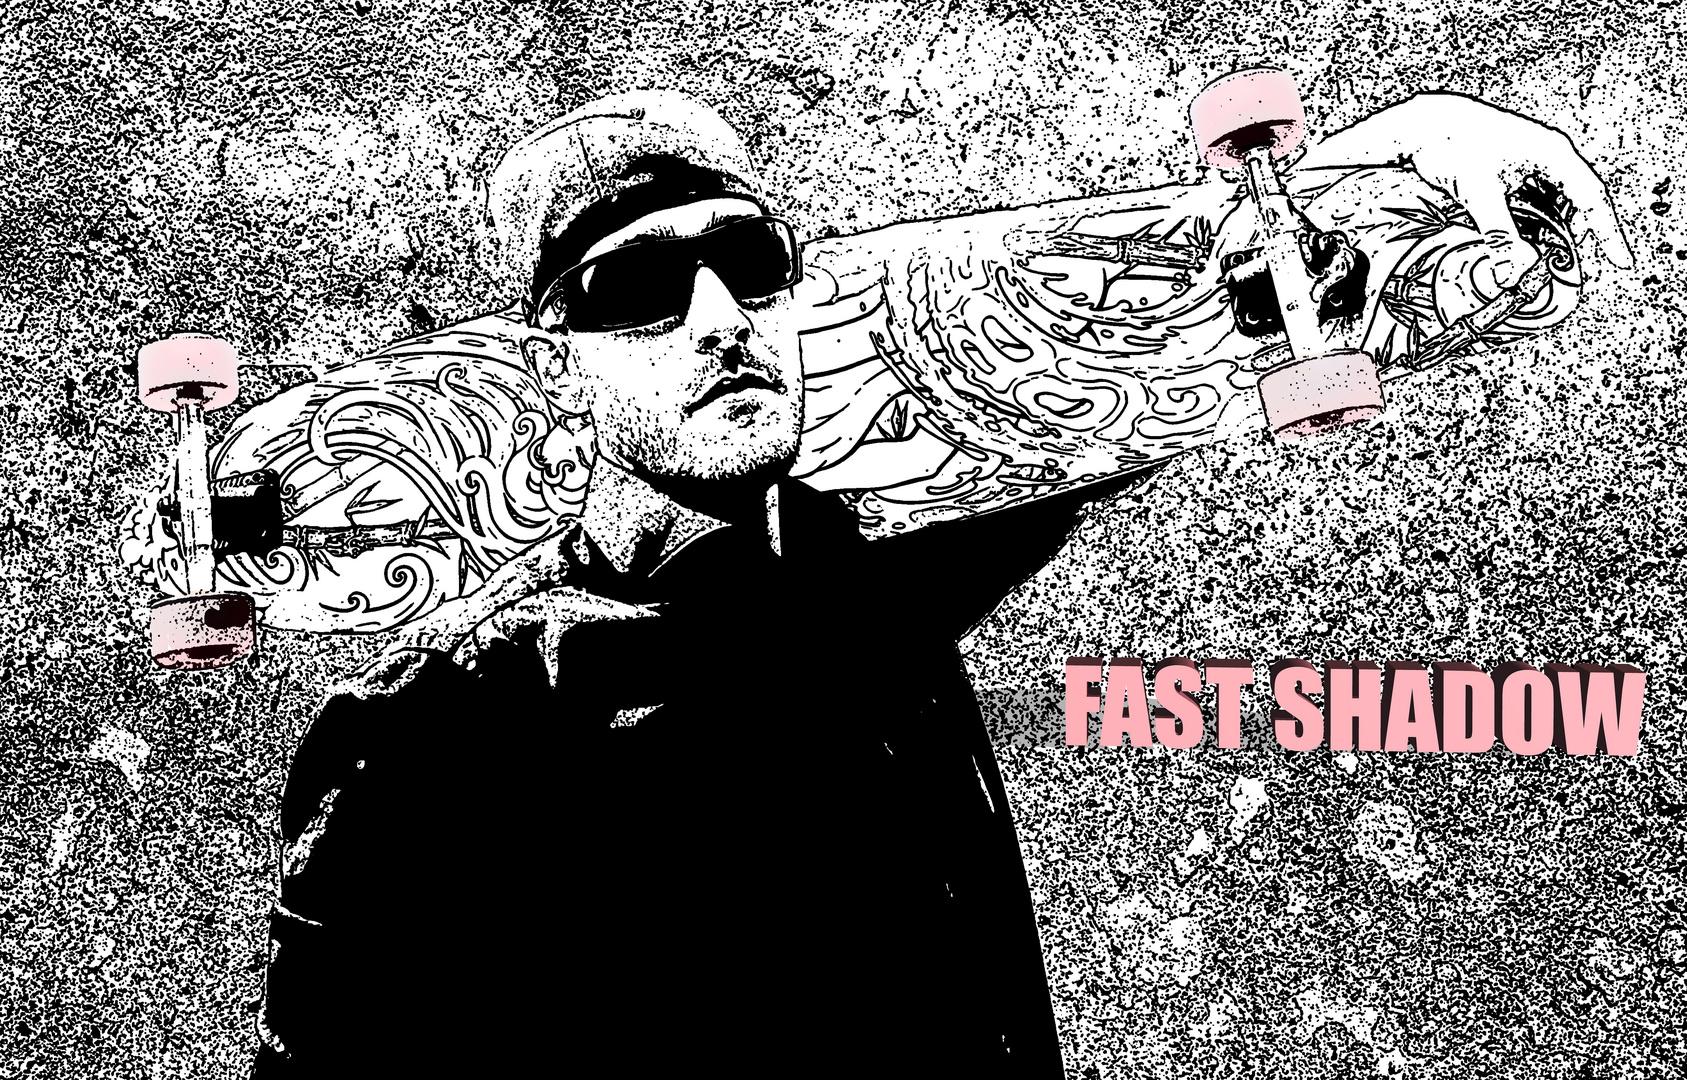 FAST SHADOW